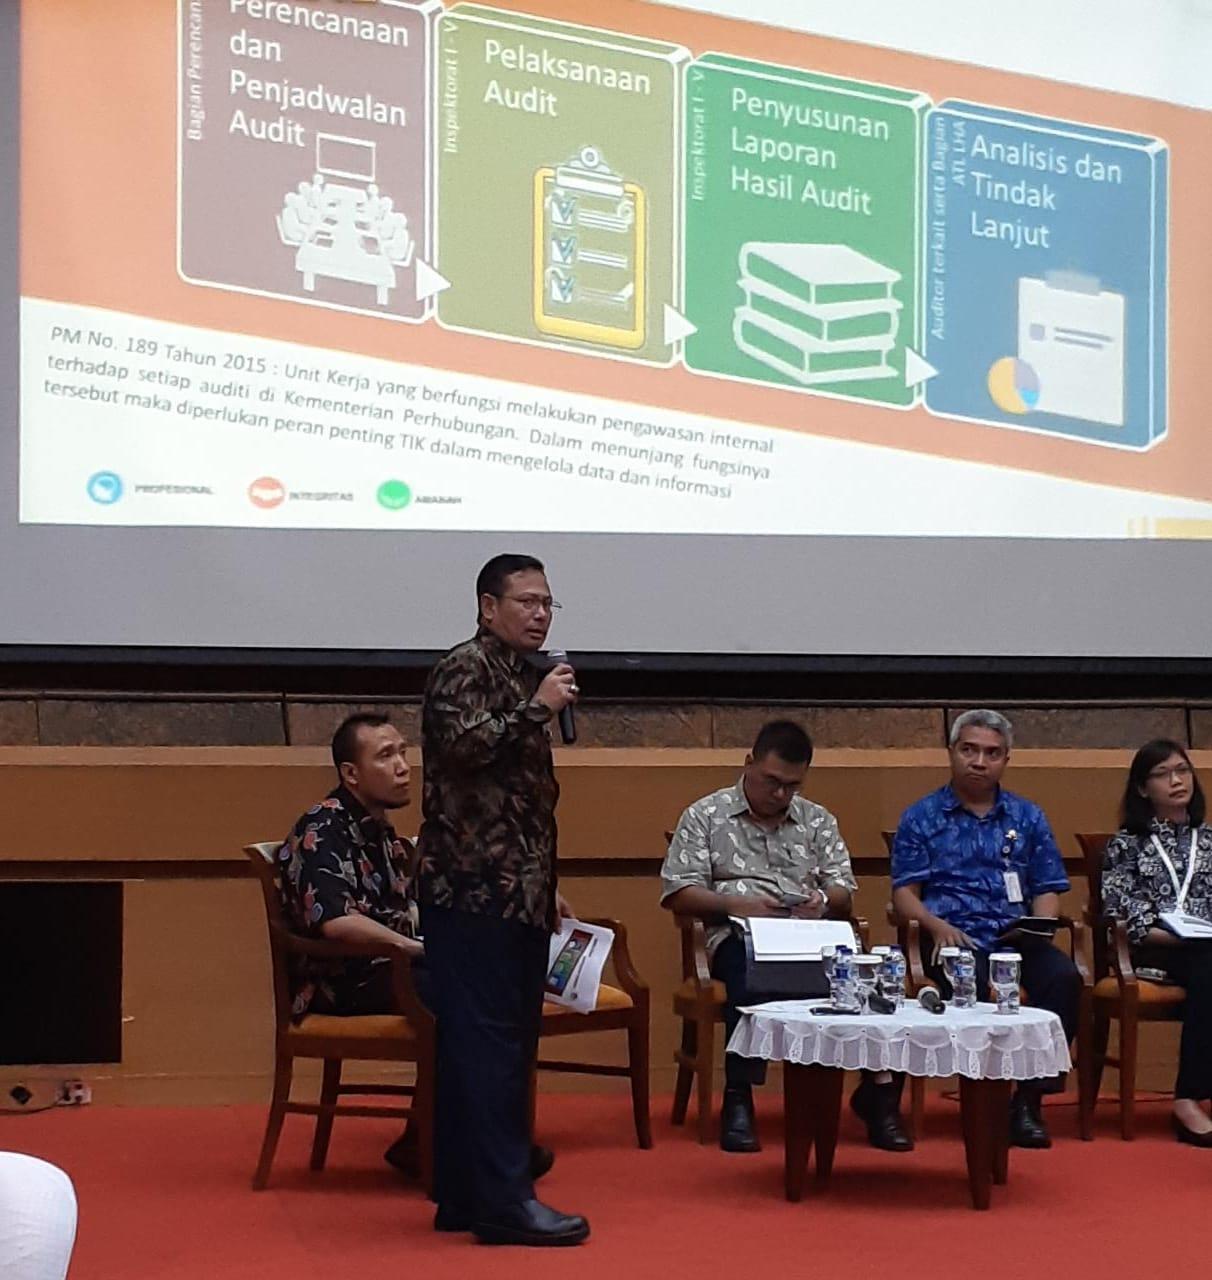 Sekretaris Itjen dan Tim Sampaikan Rancangan Blueprint TIK Itjen Dalam FGD TIK di Lingkungan Kemenhub